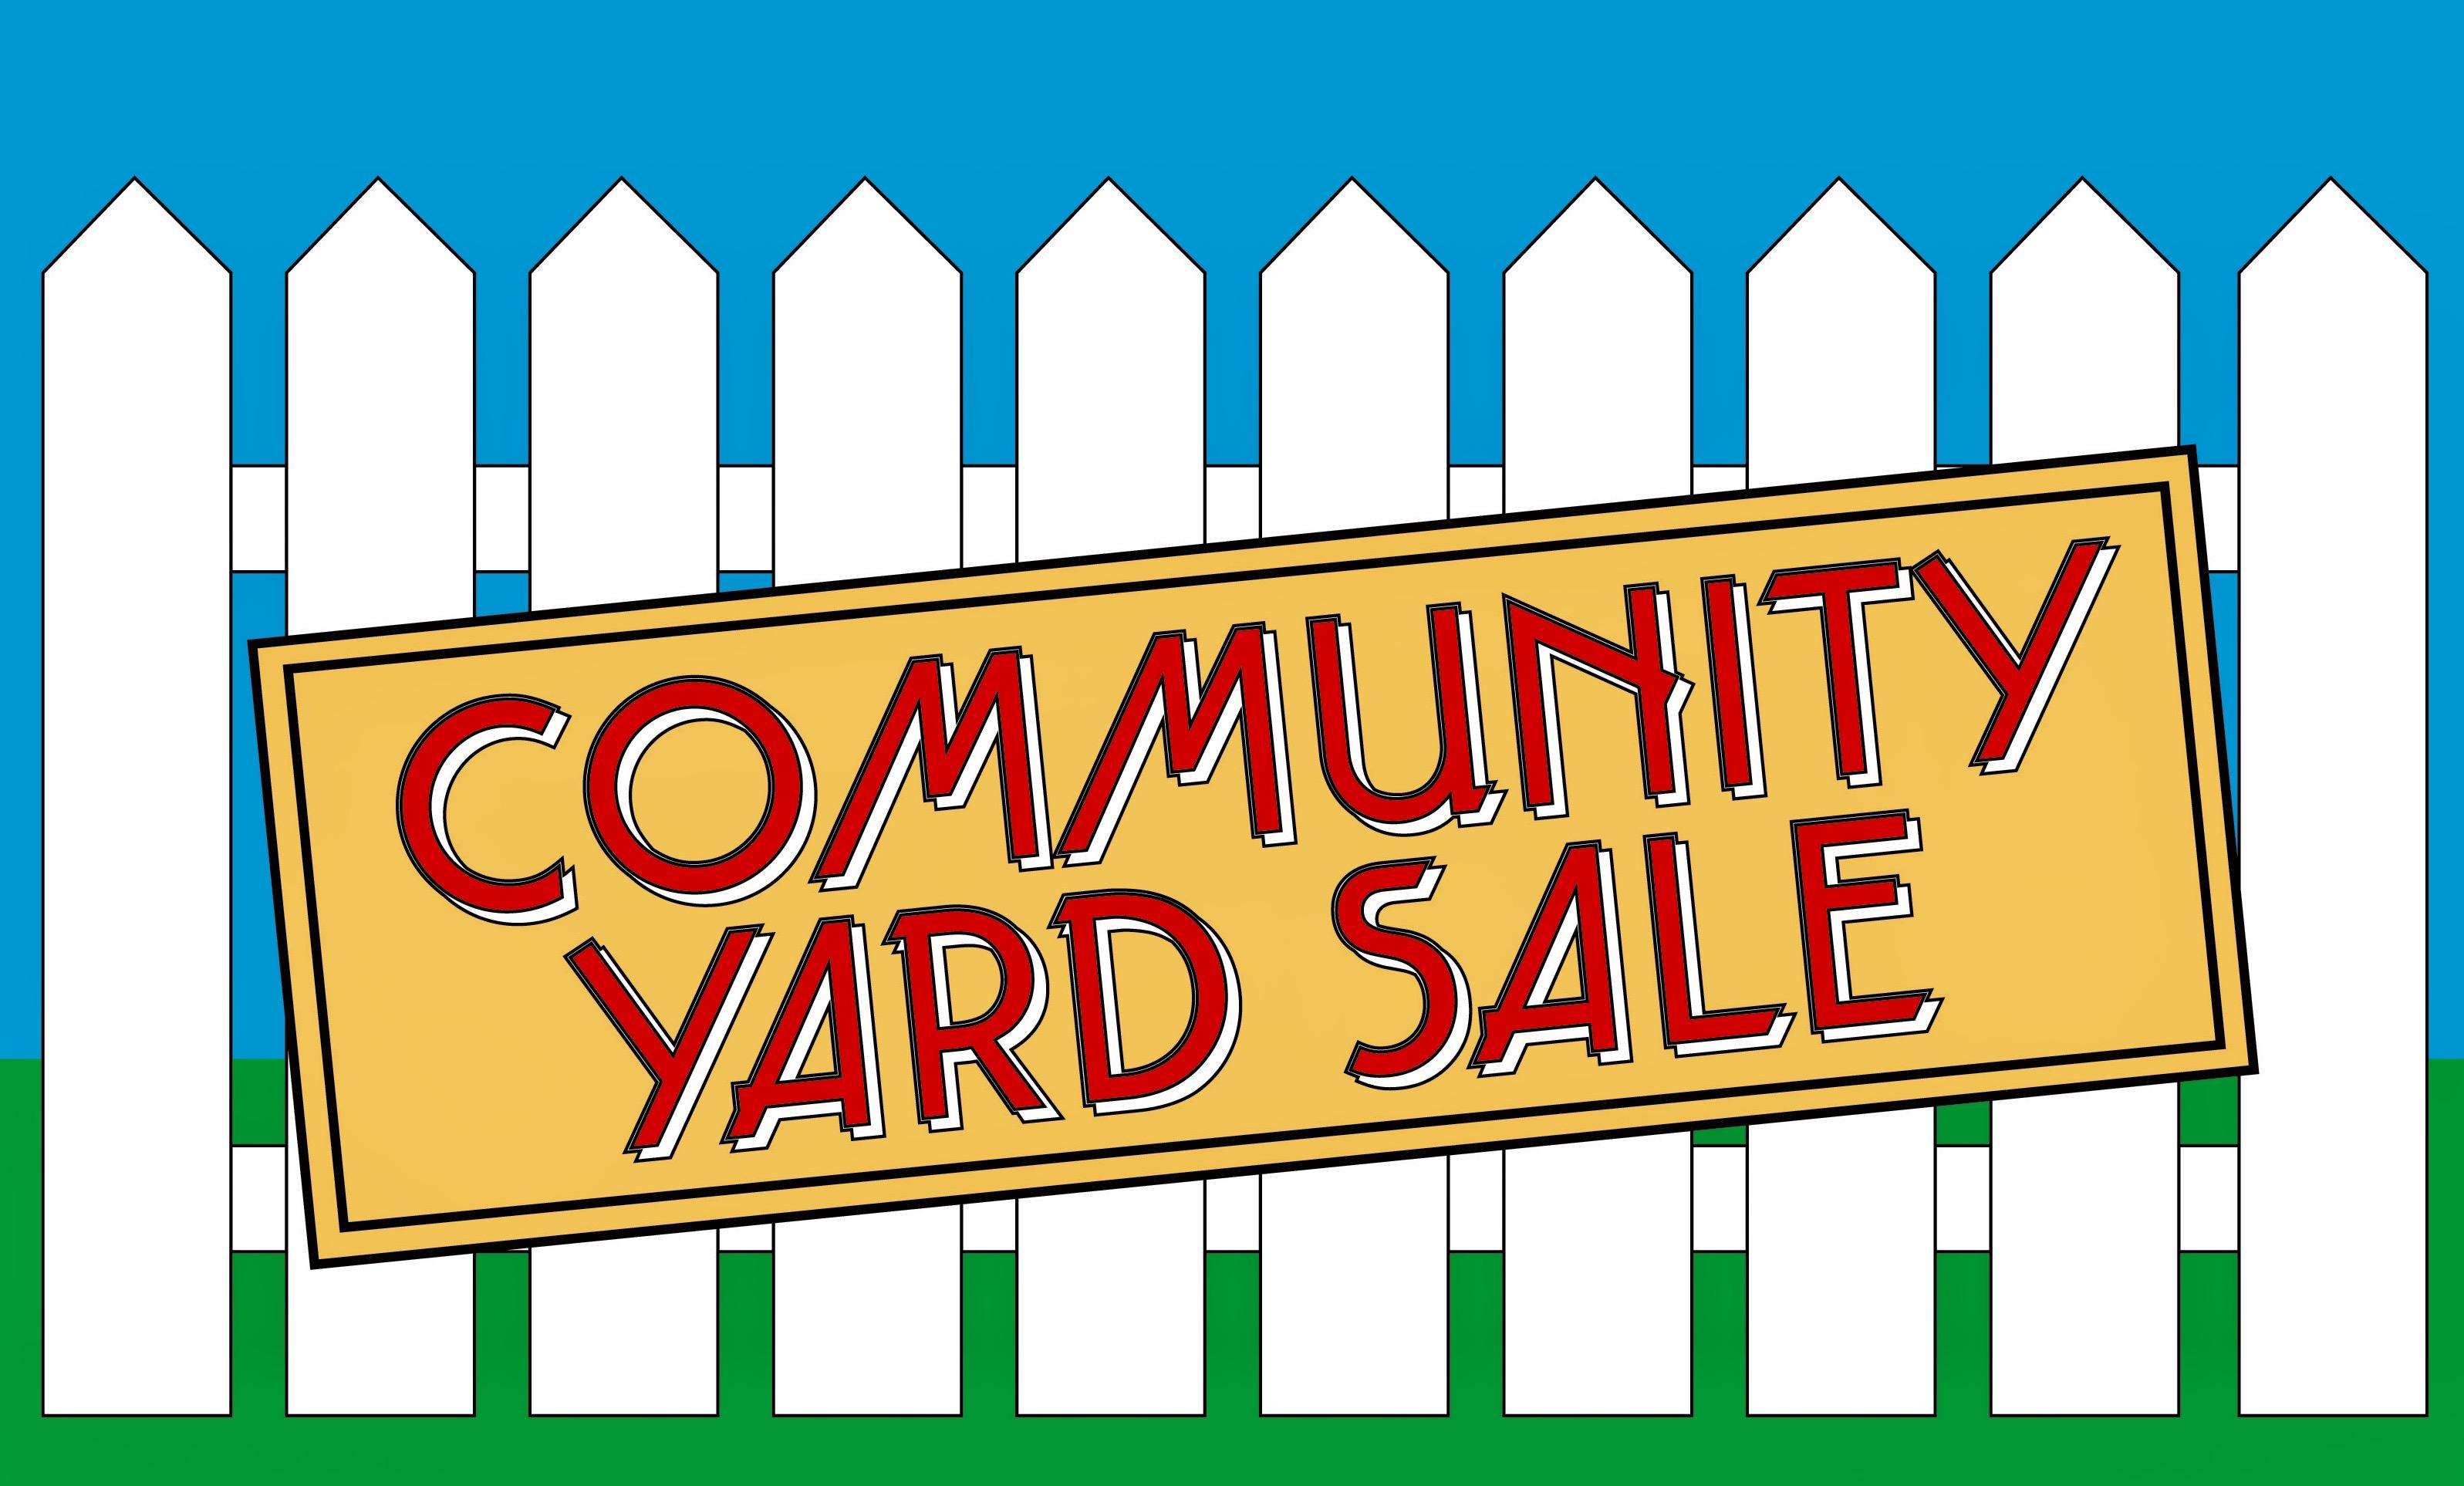 3194x1926 Escalon's City Wide Yard Sale Weescalon